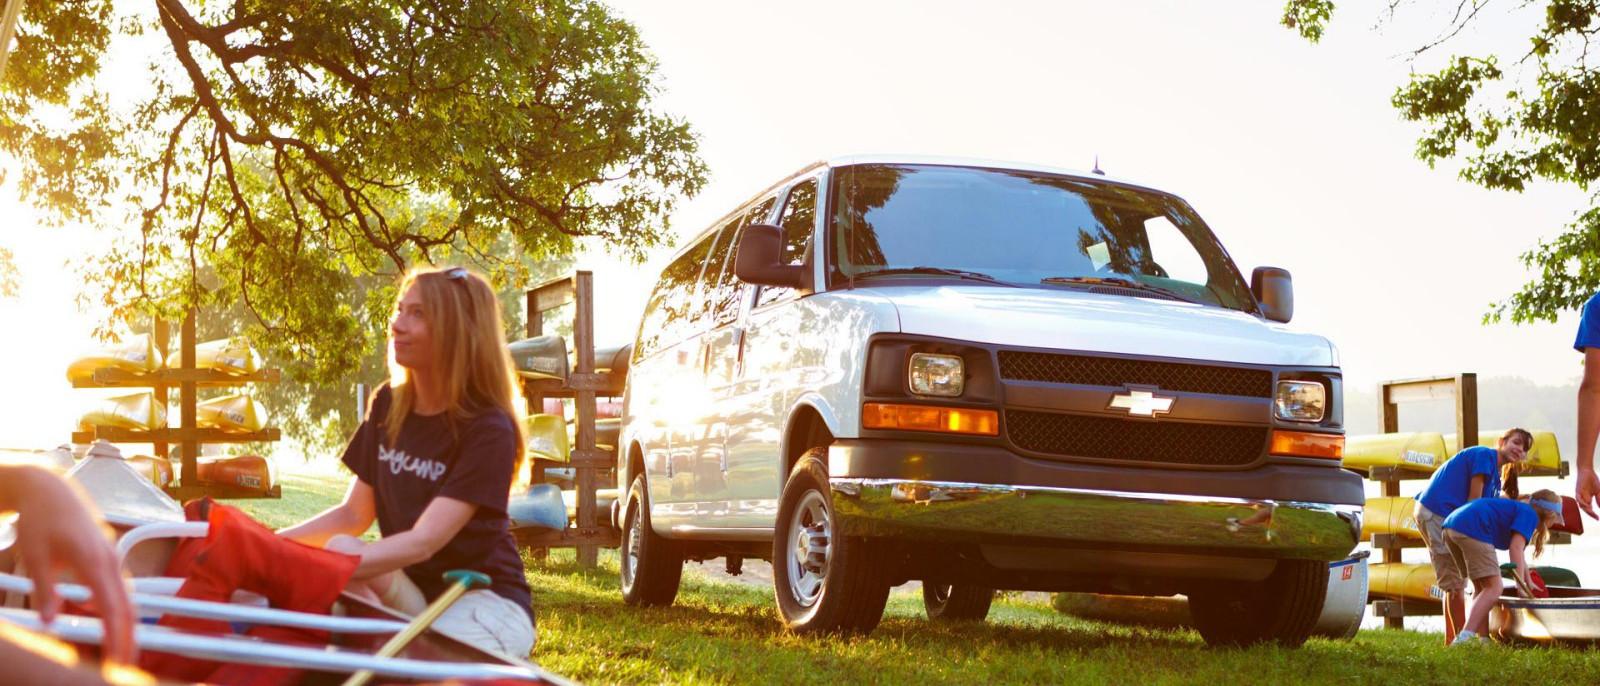 2015 Chevy Express Cargo Van in the woods